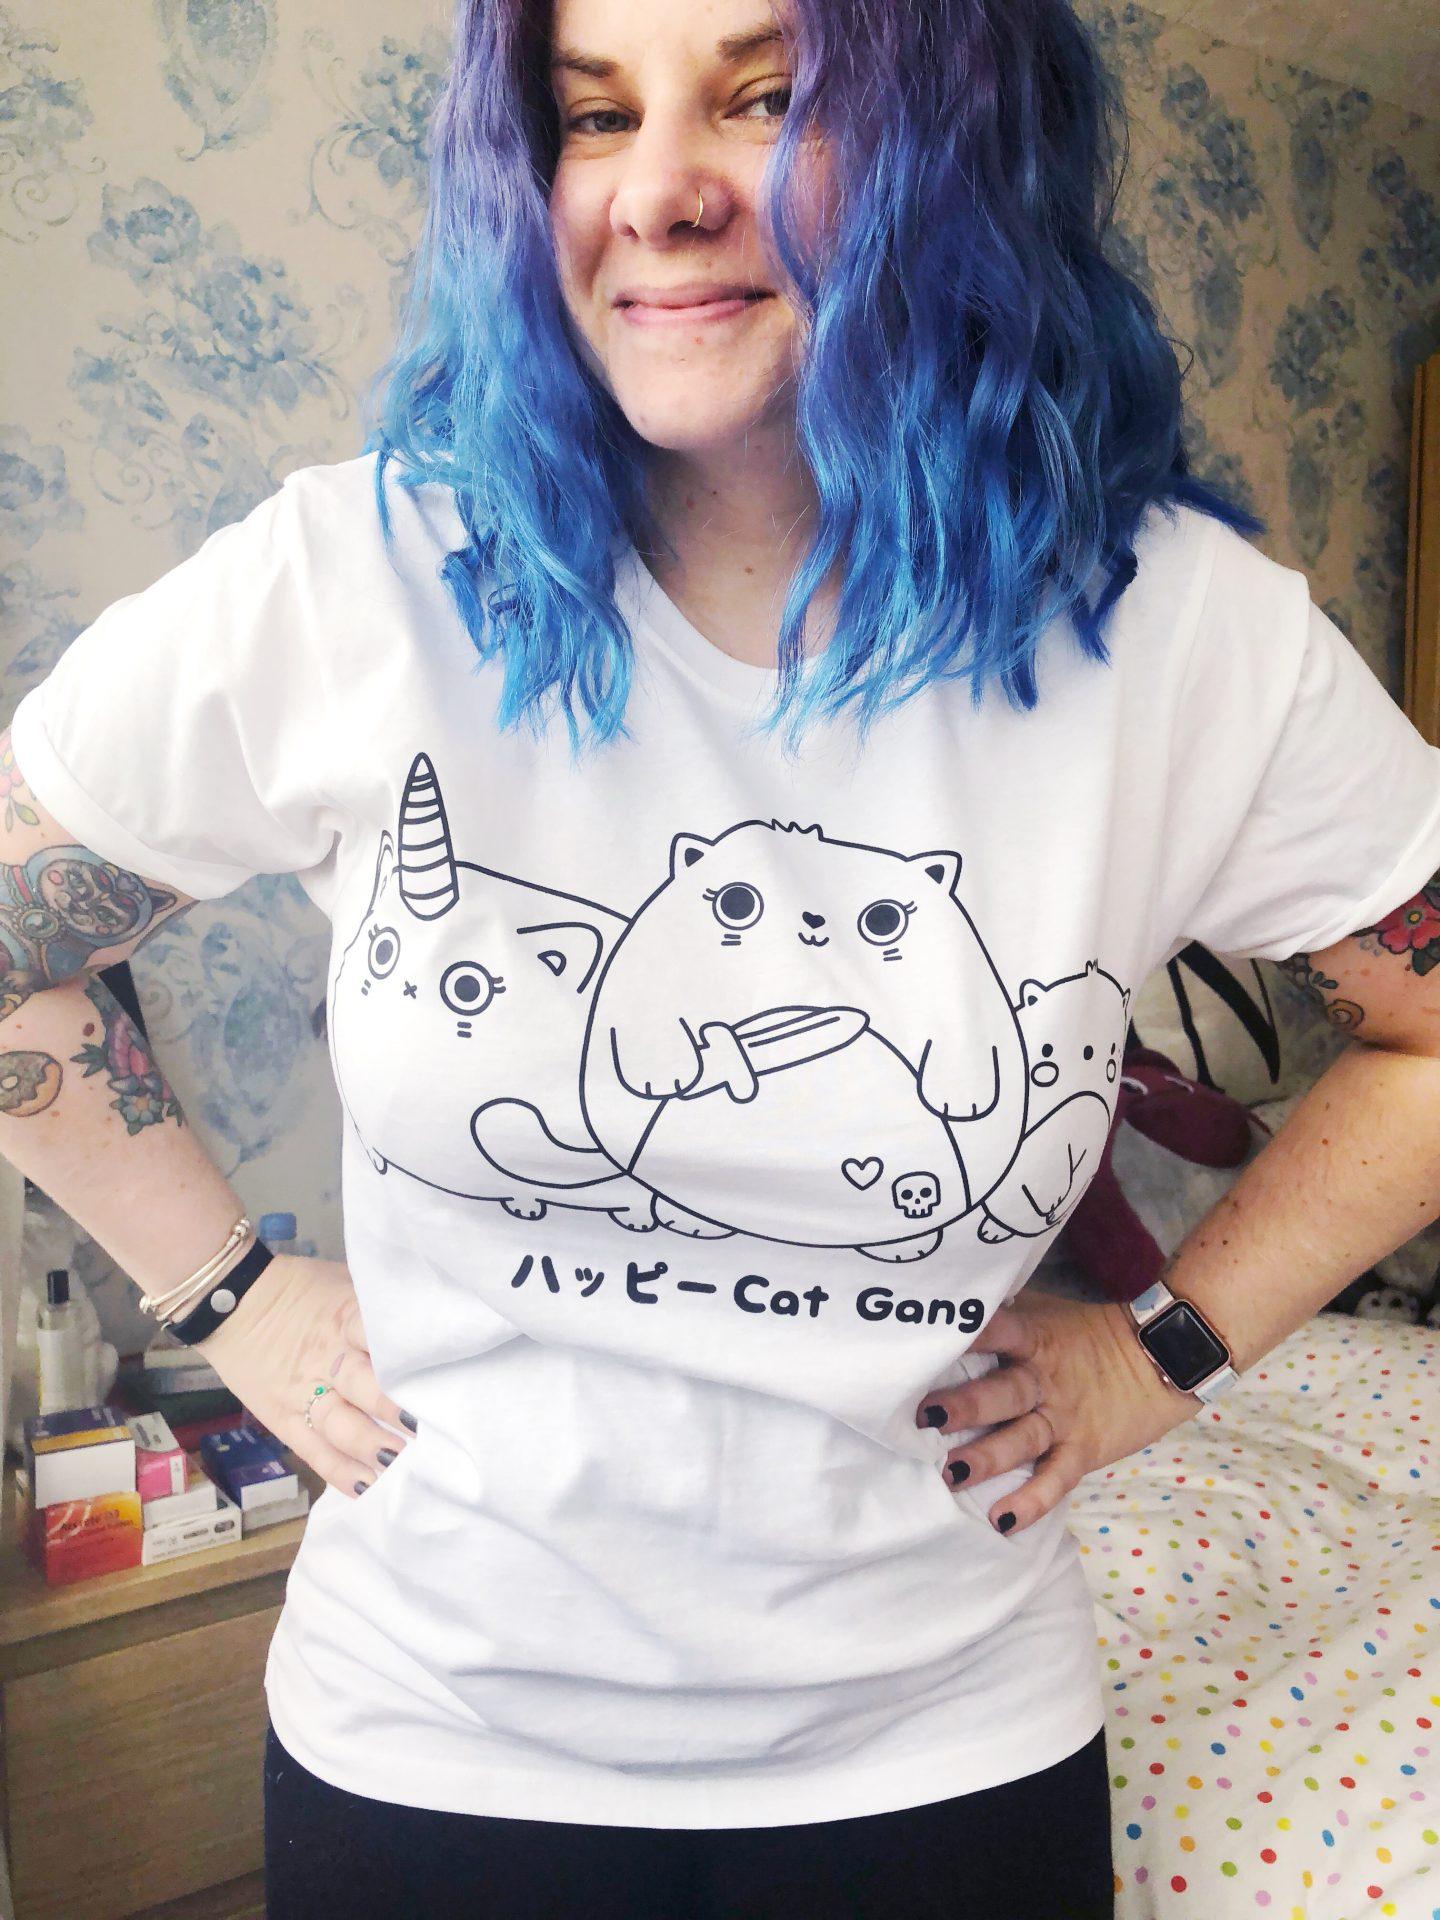 sugar-and-sloth-cat-gang-tee